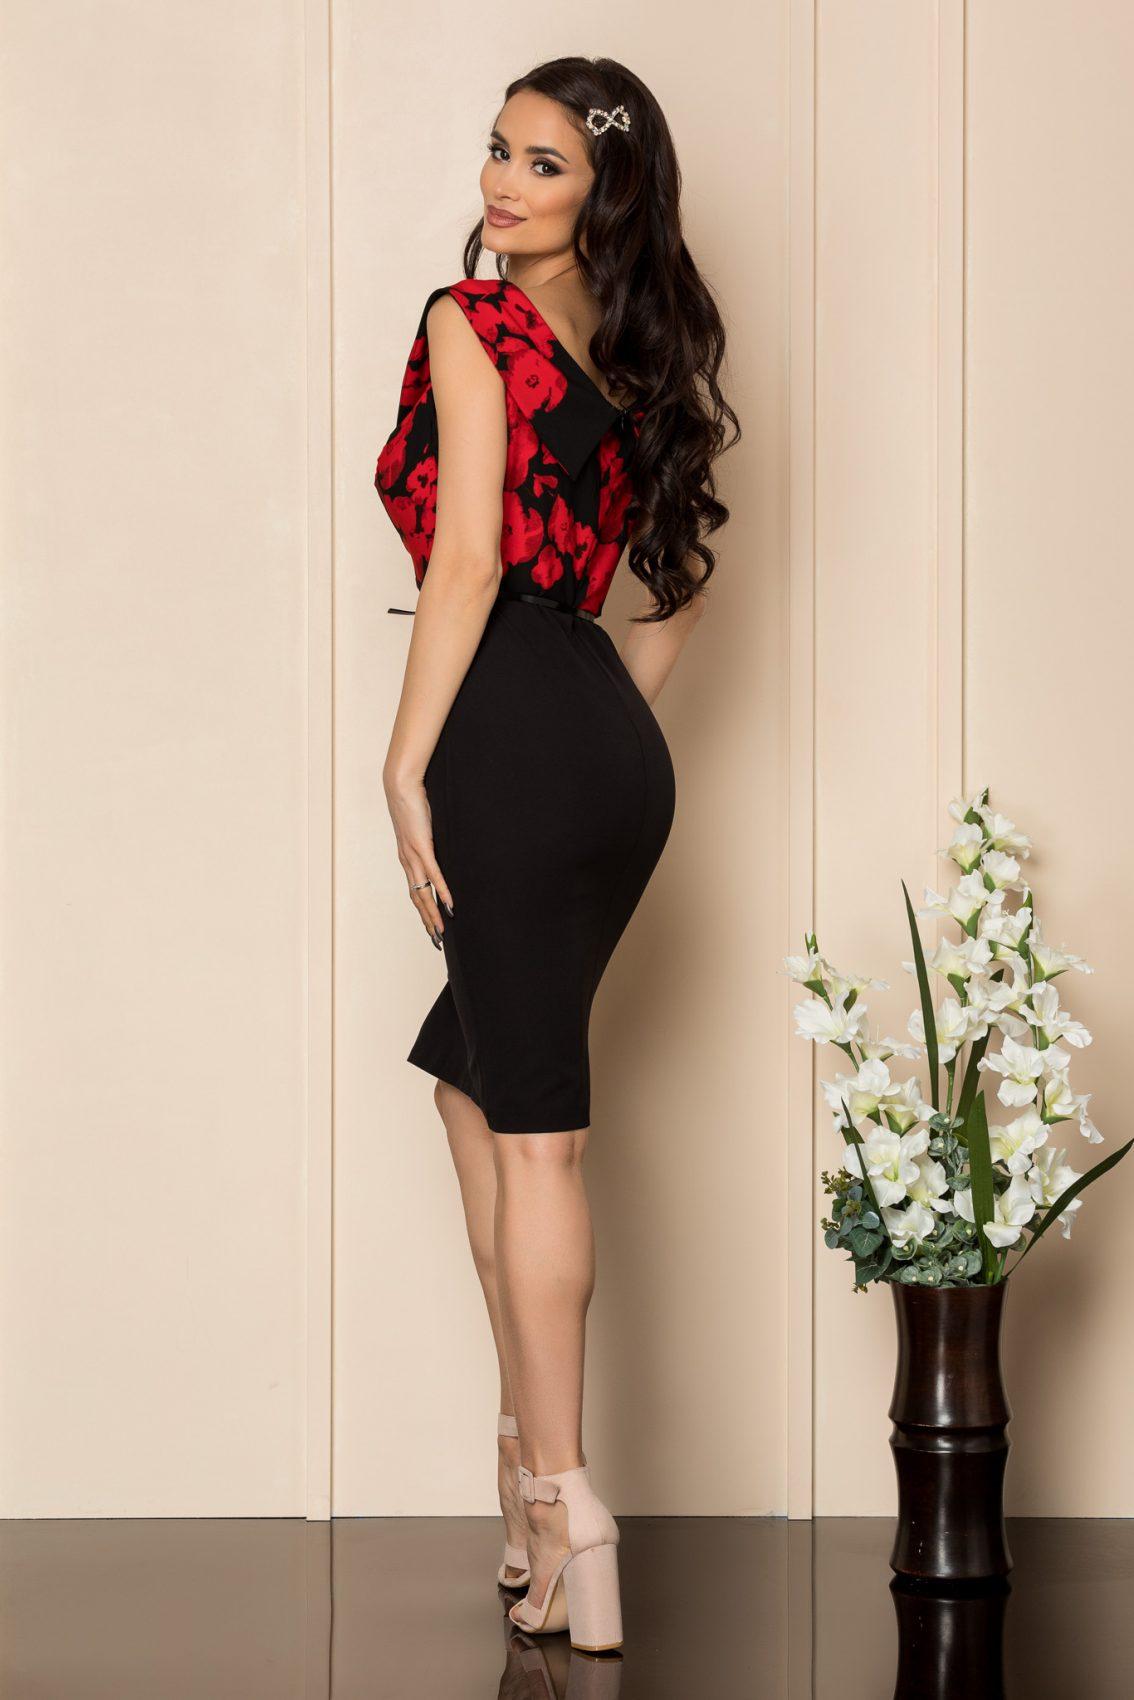 Μαύρο Φόρεμα Με Κόκκινα Λουλούδια Carlia A403 2